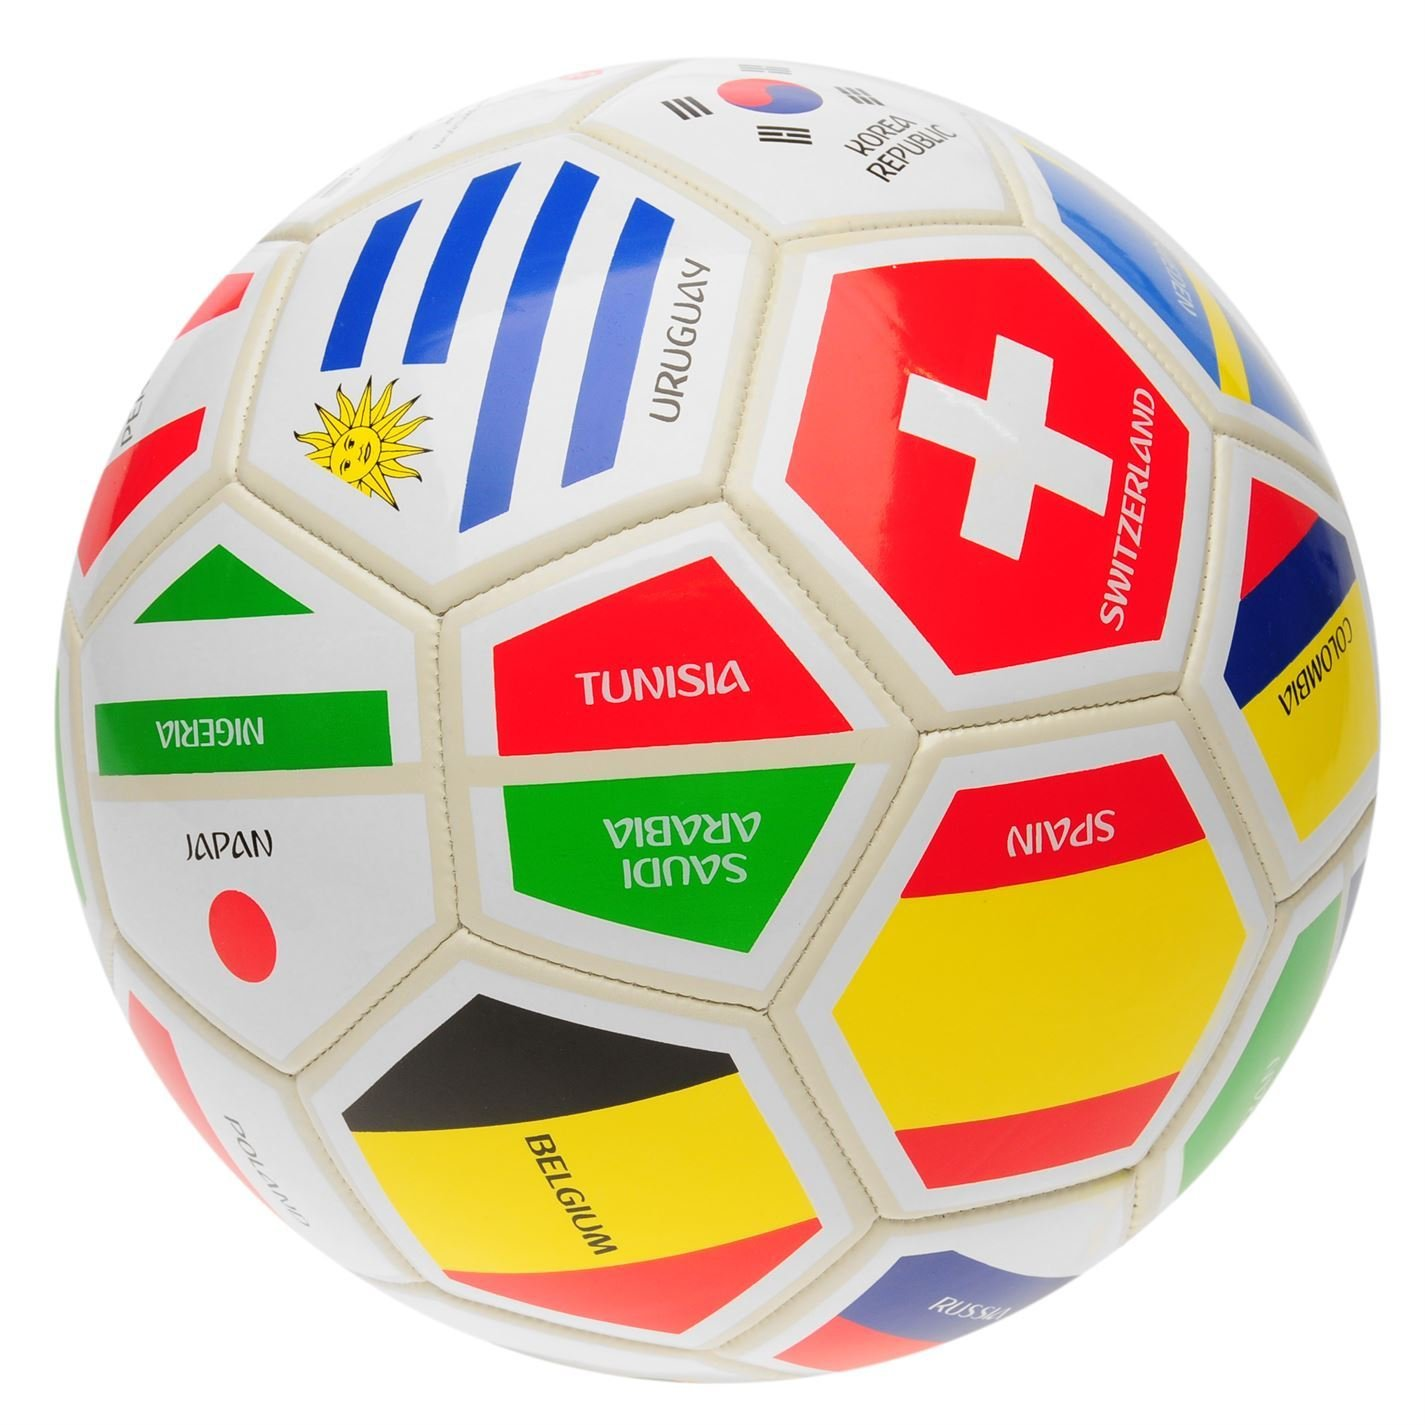 FIFA World Cup 2018 - Balón de fútbol, color blanco, color Blanco/Múltiple, tamaño talla 5: Amazon.es: Deportes y aire libre